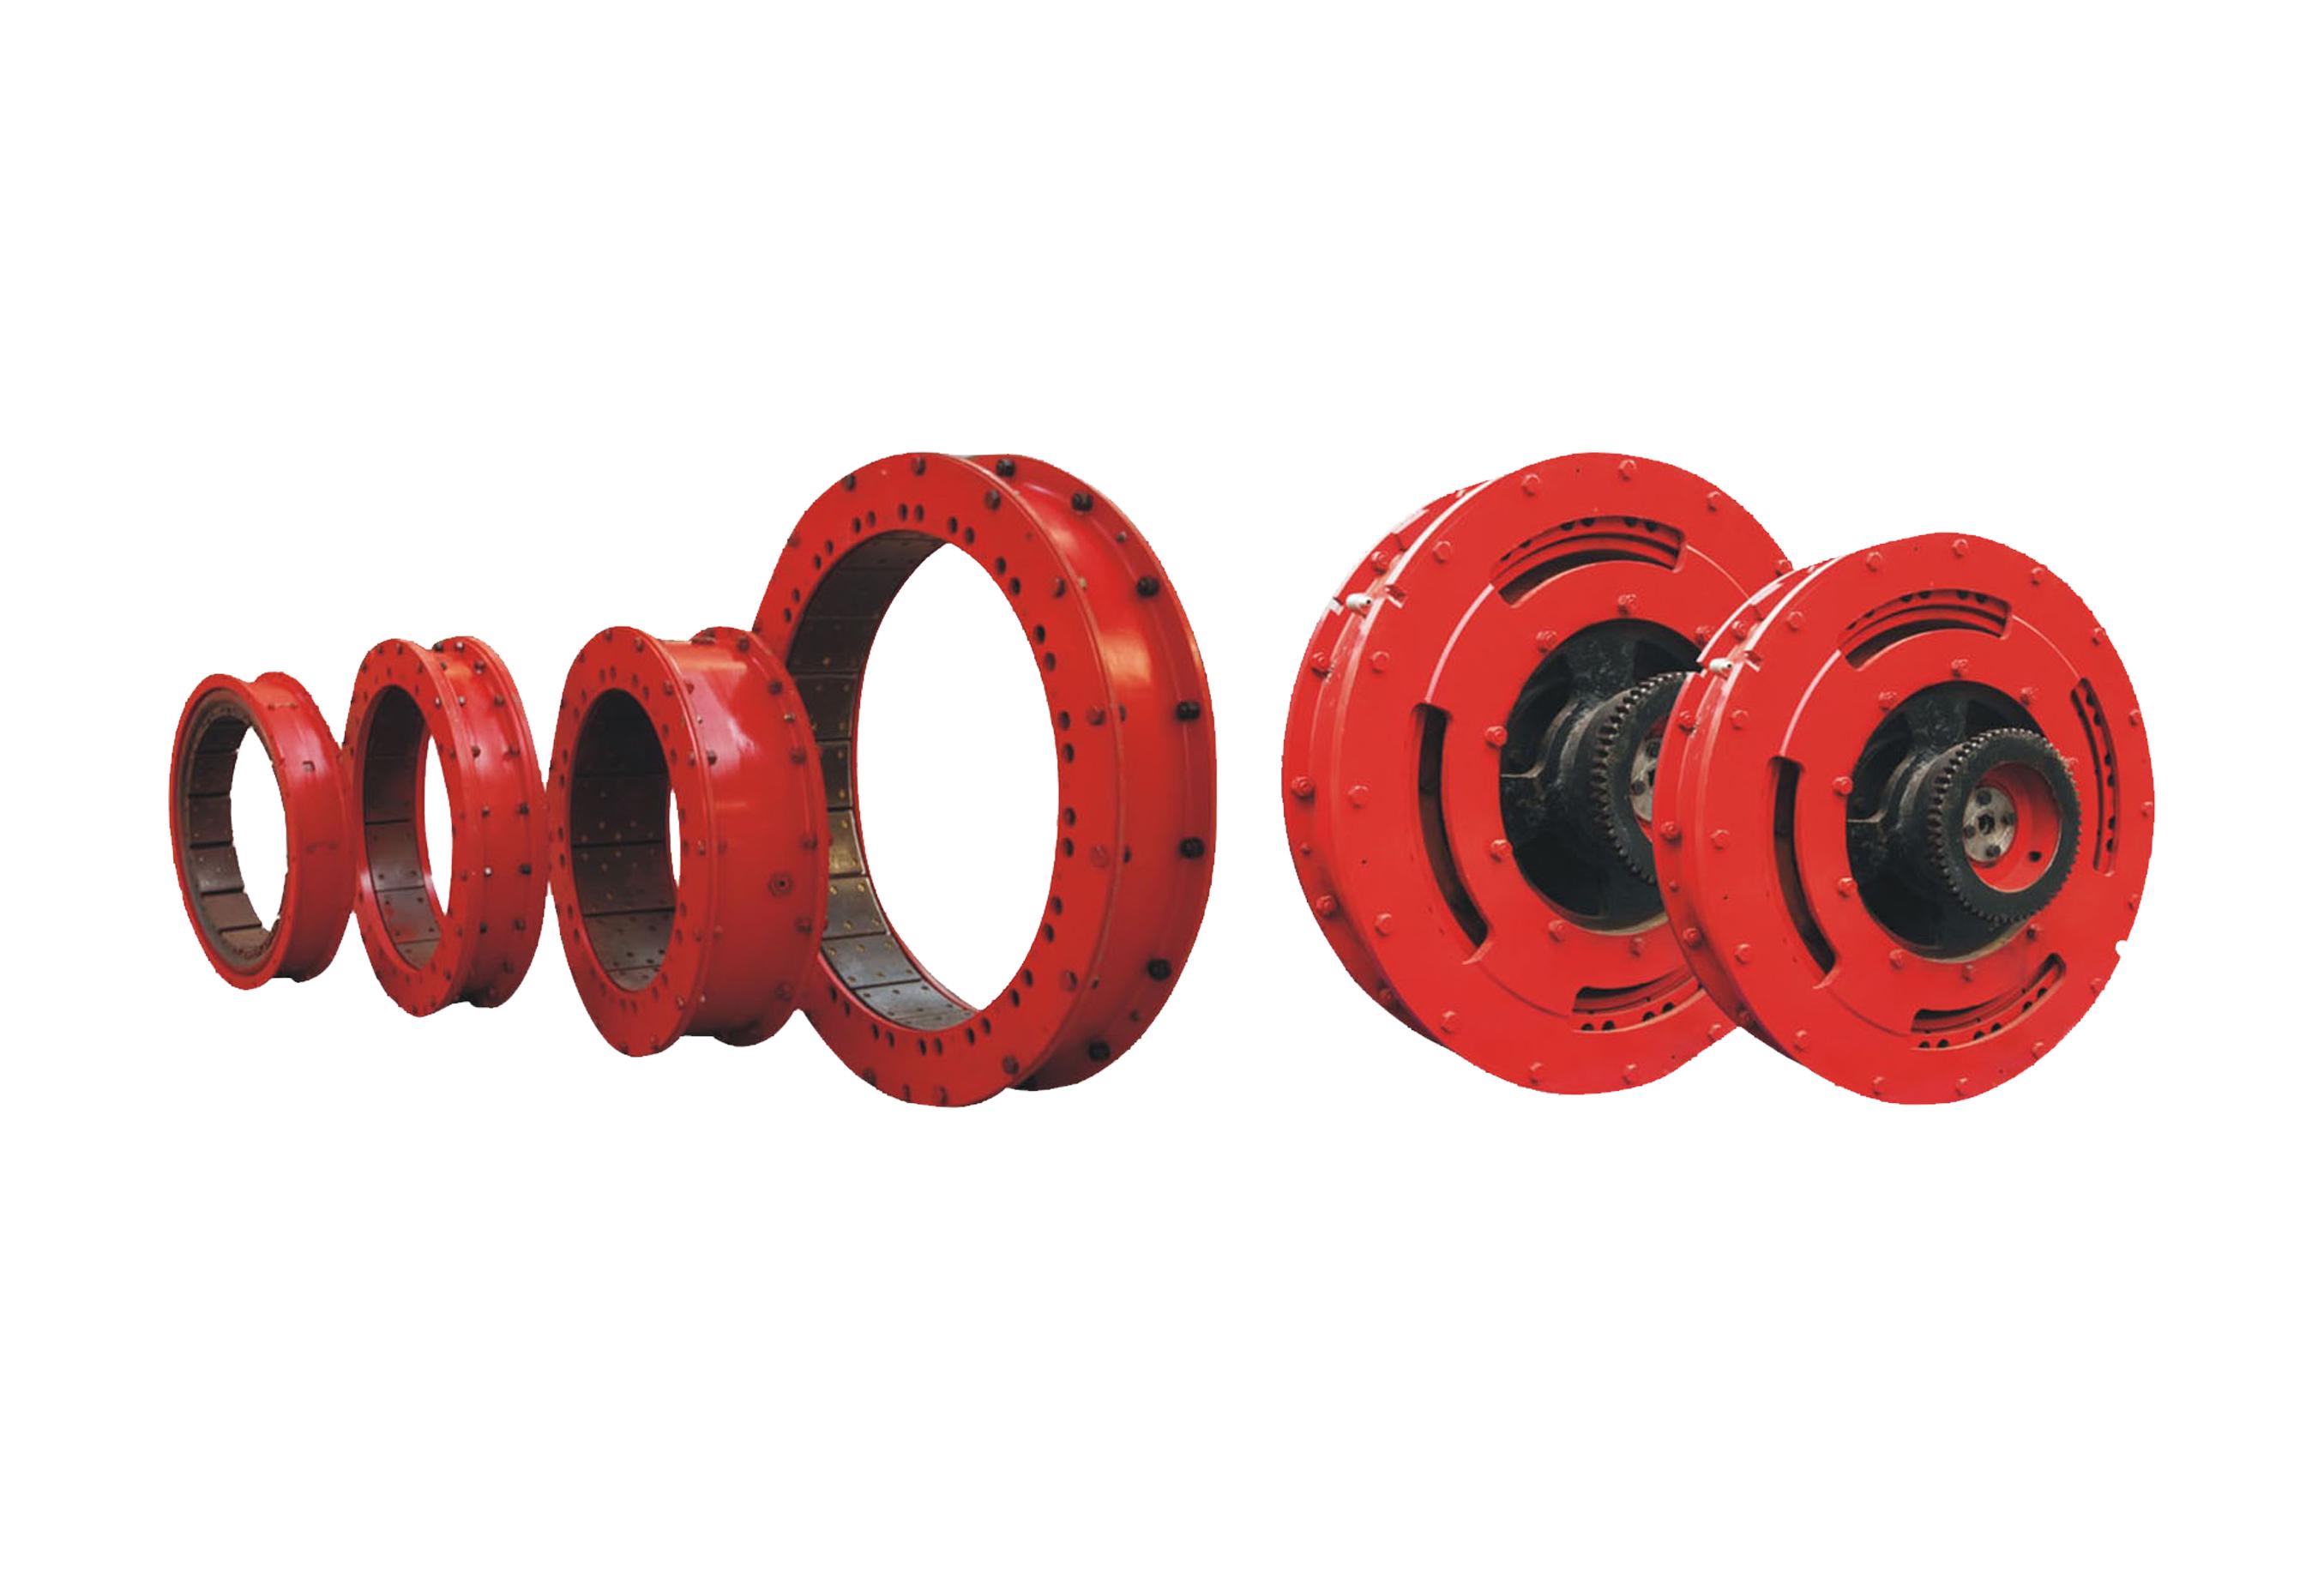 ATD 318 air tube clutch